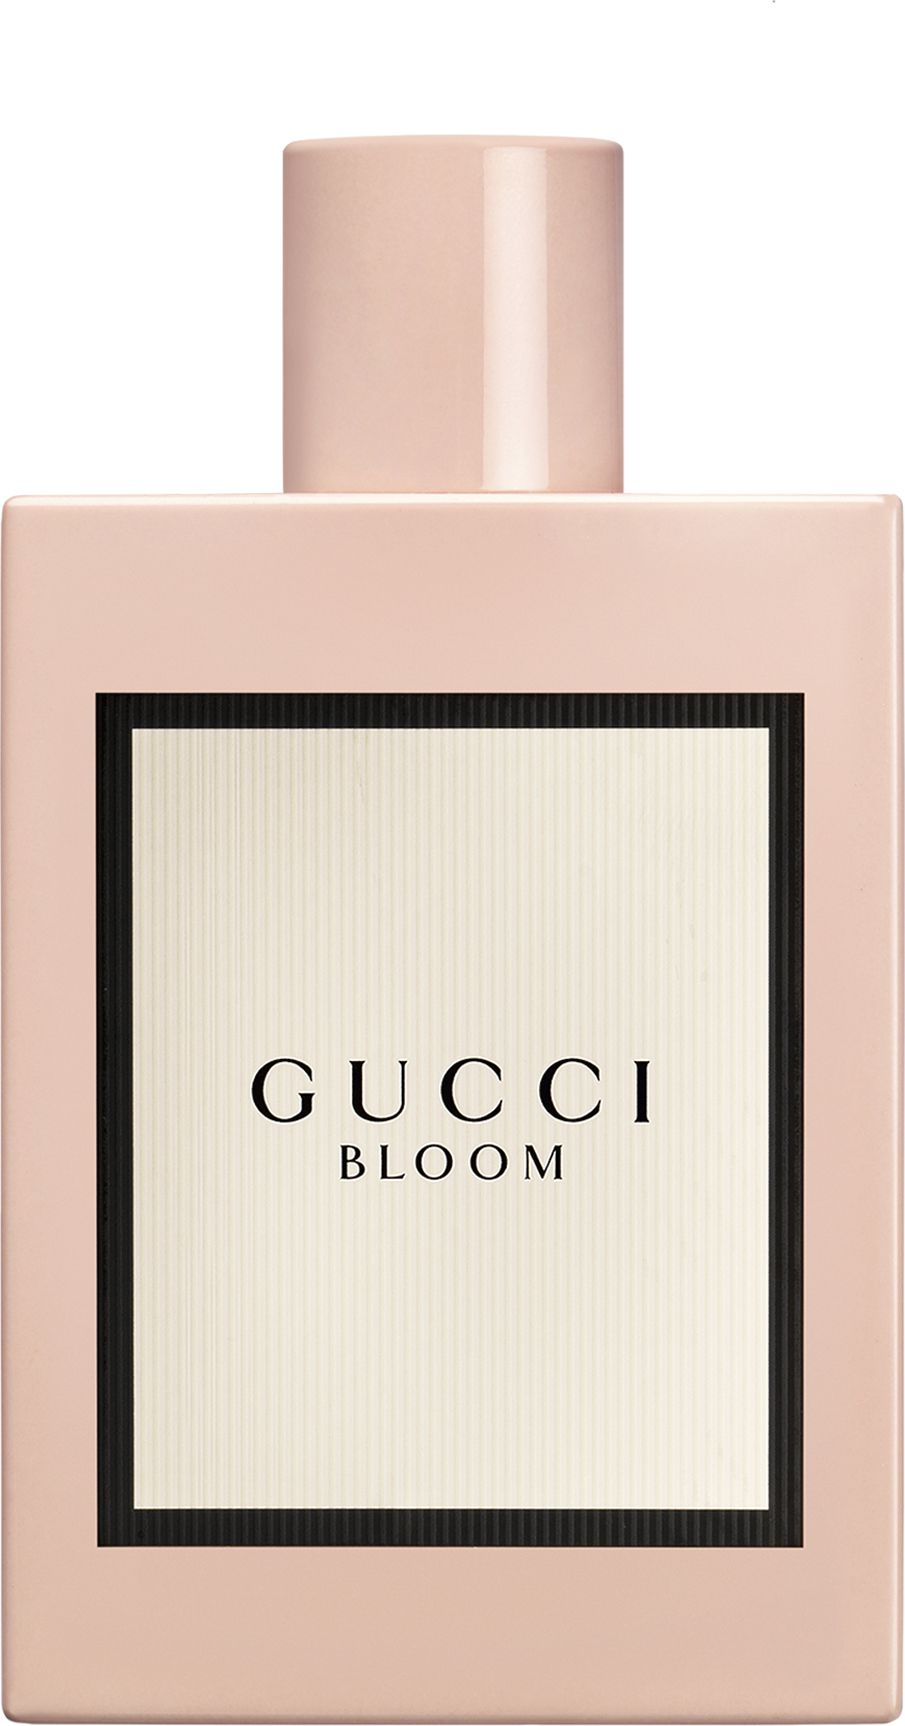 Gucci Bloom EDP 100ml 8005610481005 Smaržas sievietēm